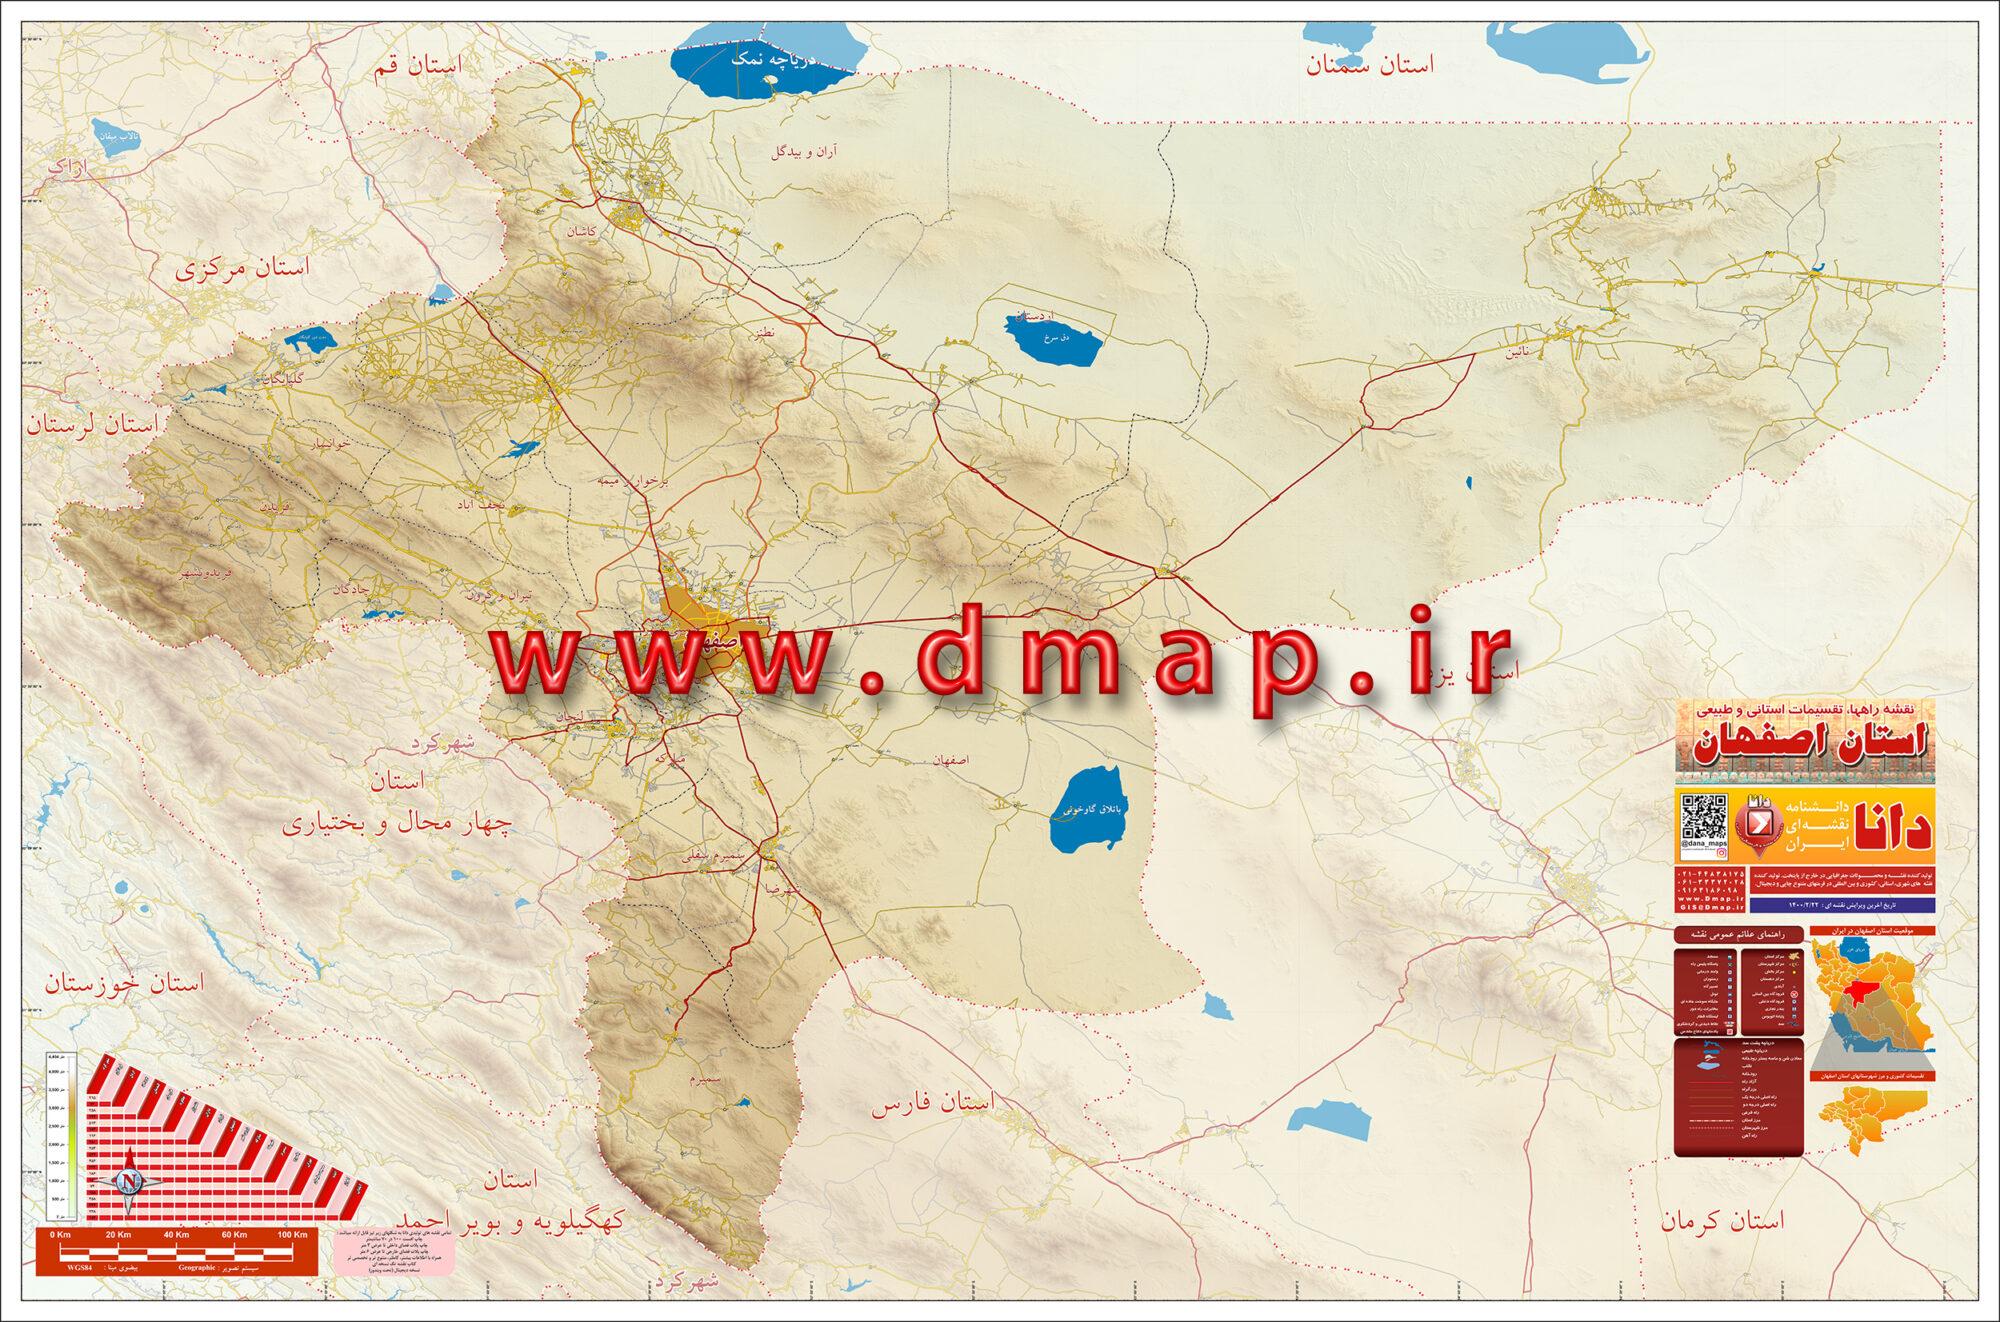 نقشه استان اصفهان